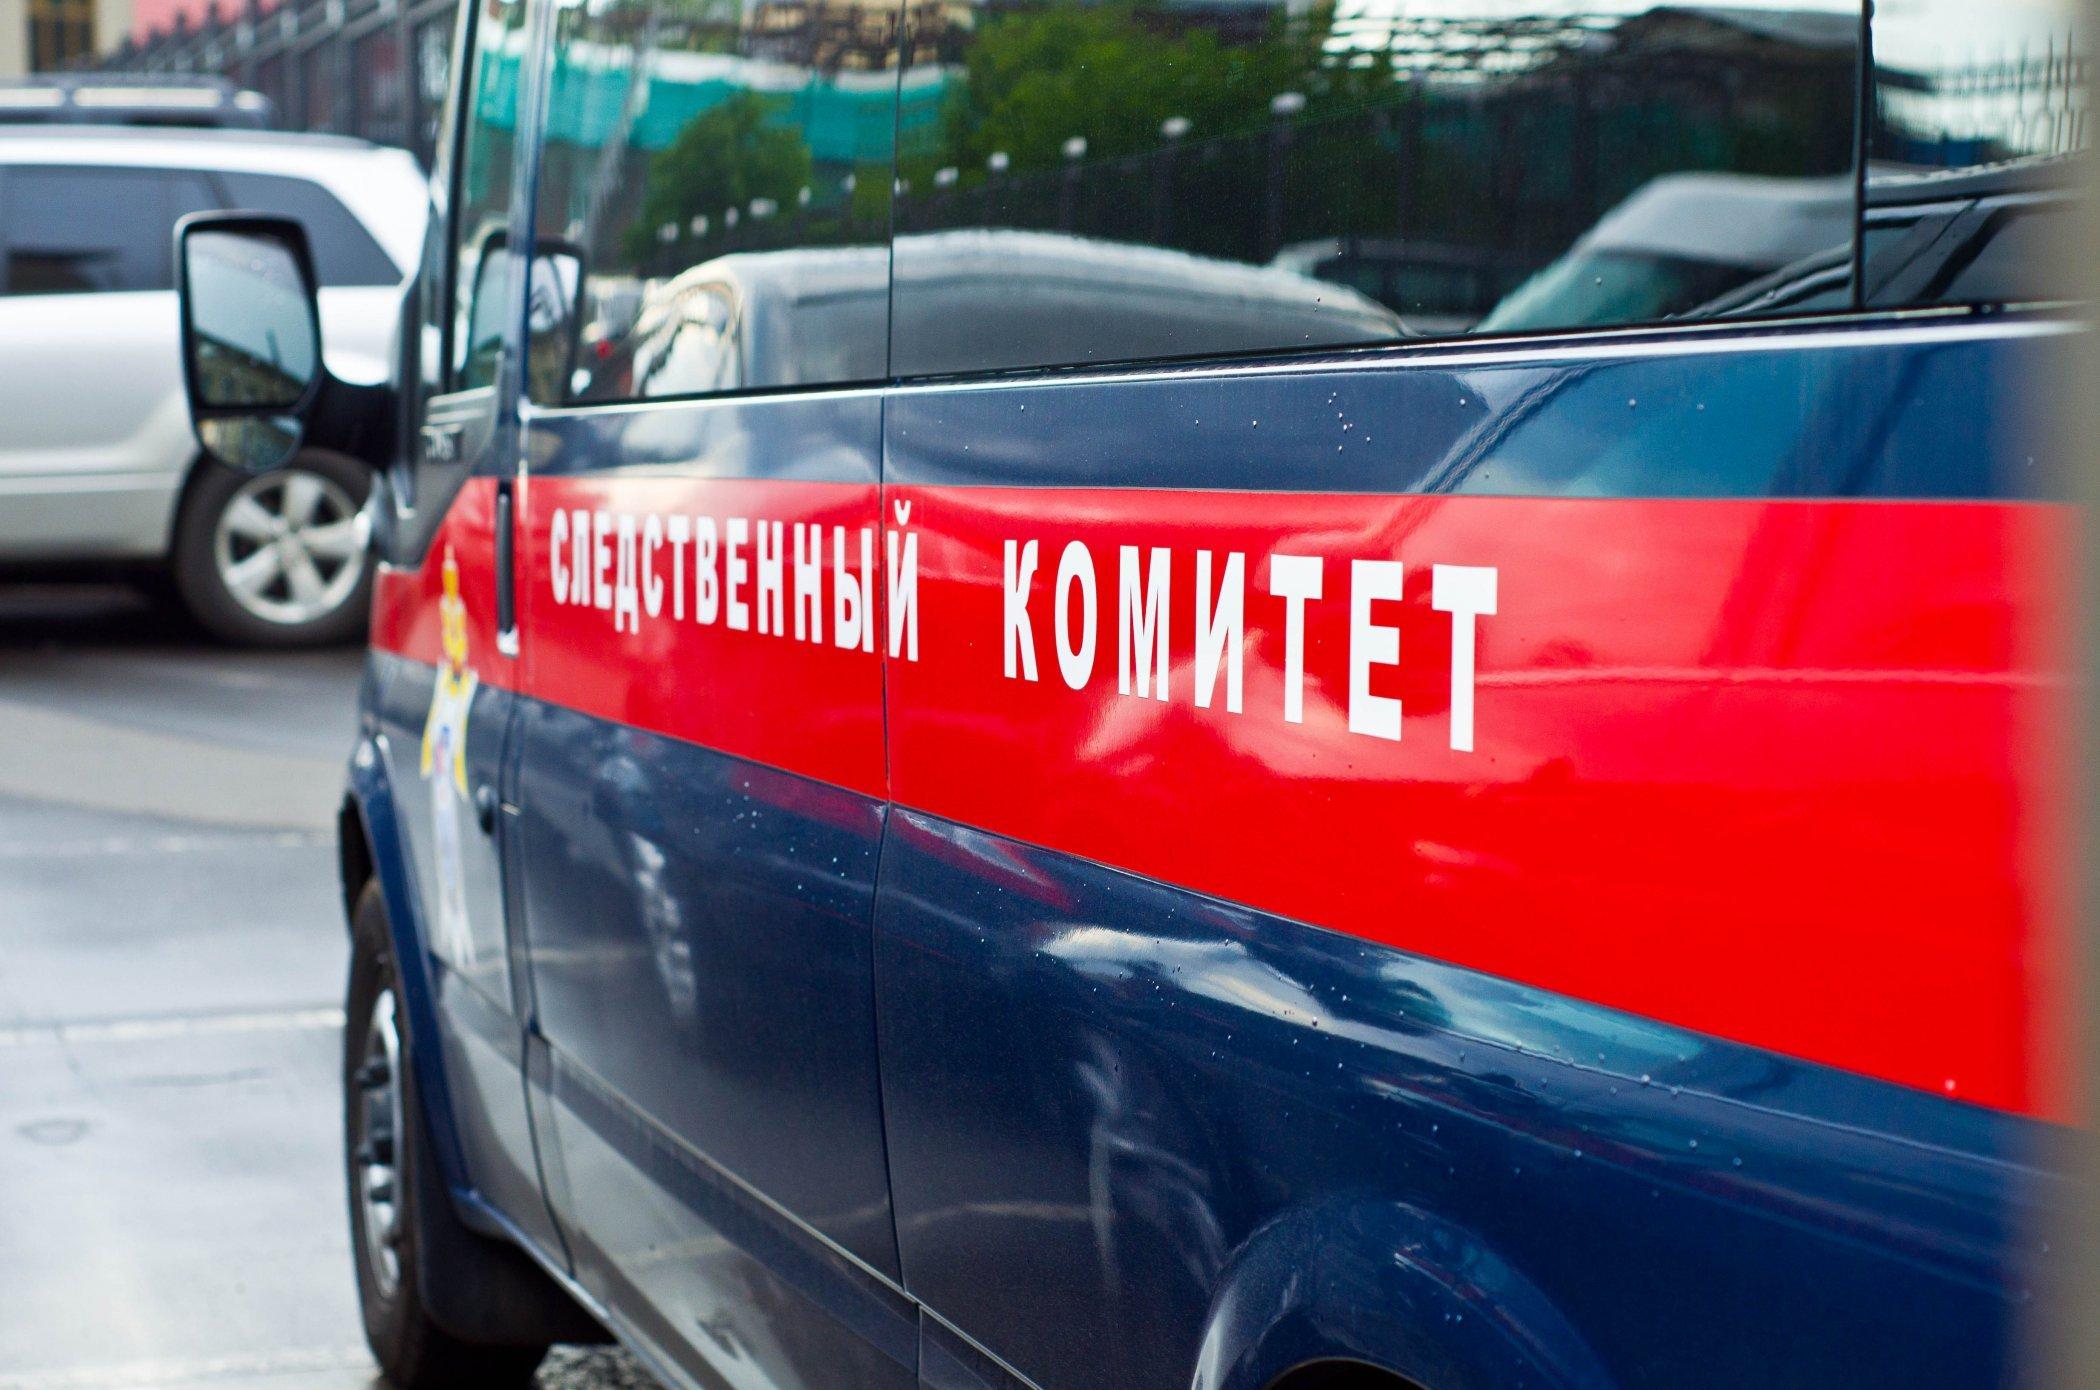 СКпригласил изАвстралии совладельца кемеровскогоТЦ «Зимняя вишня»